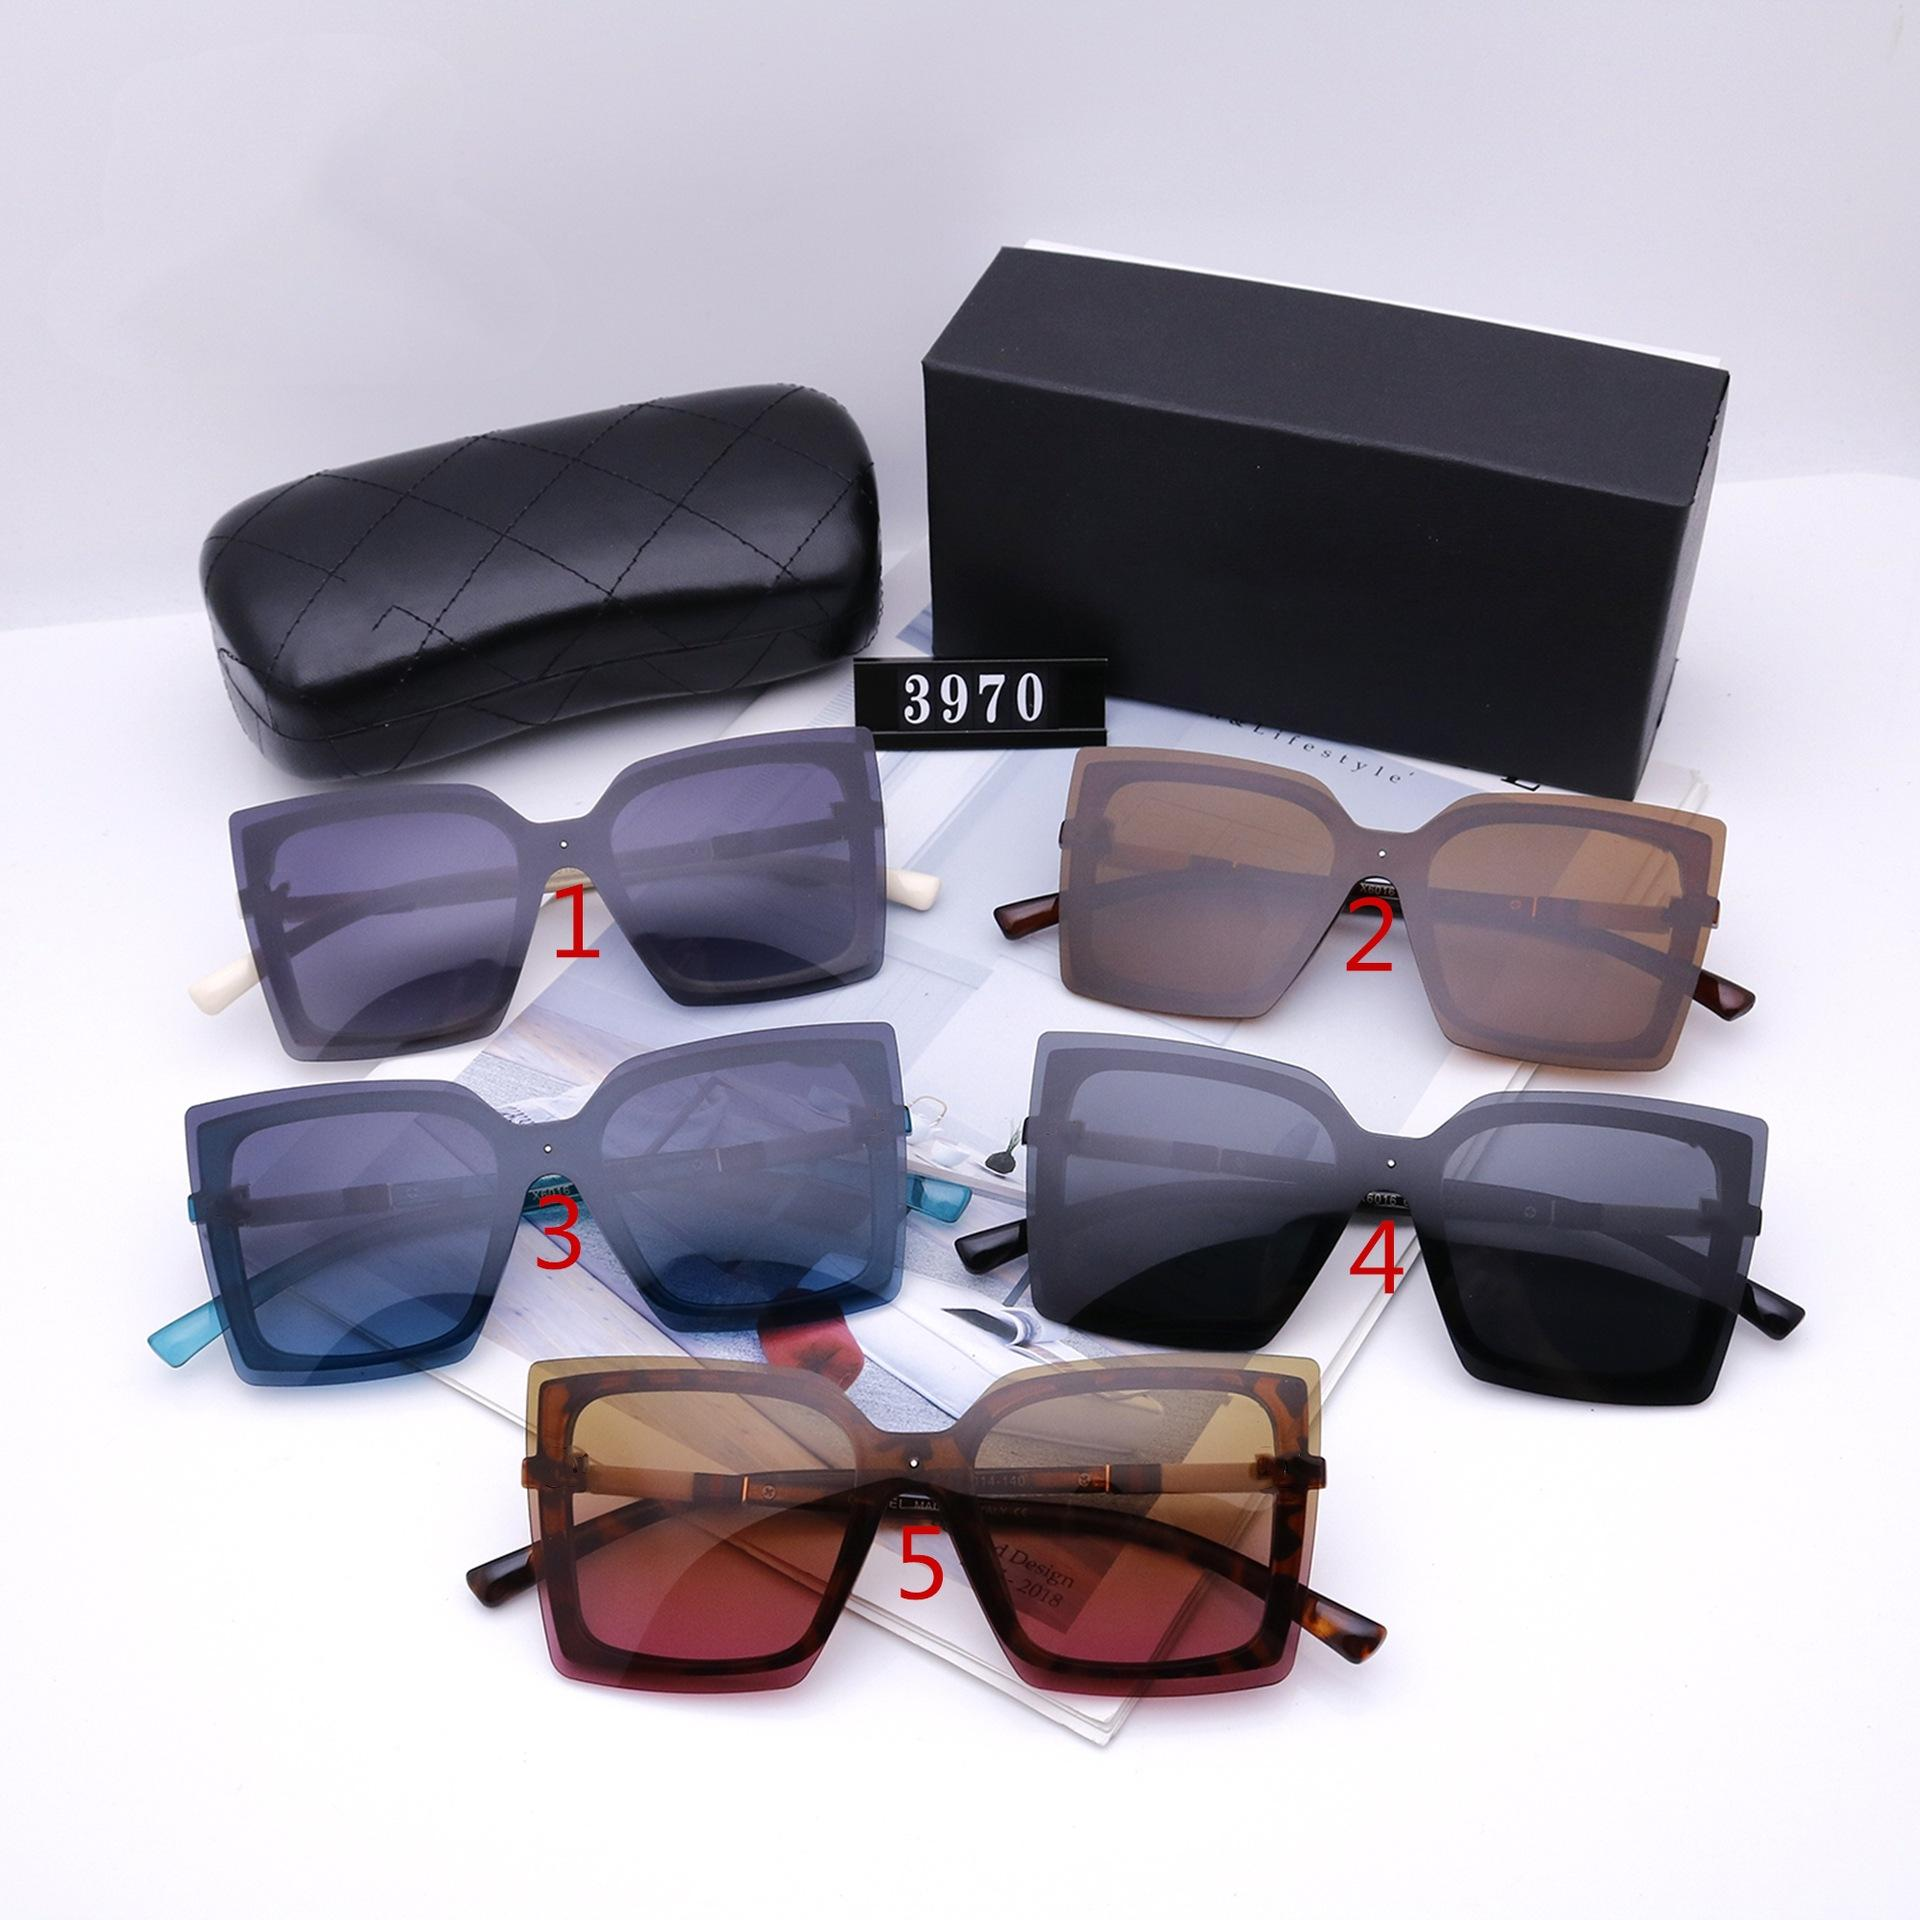 Kadınlar için Moda Güneş Gözlüğü Tasarımcı Lüks Yüksek Kalite HD Polarize Lensler Büyük Çerçeve Bayanlar Sürüş Gözlük 3970